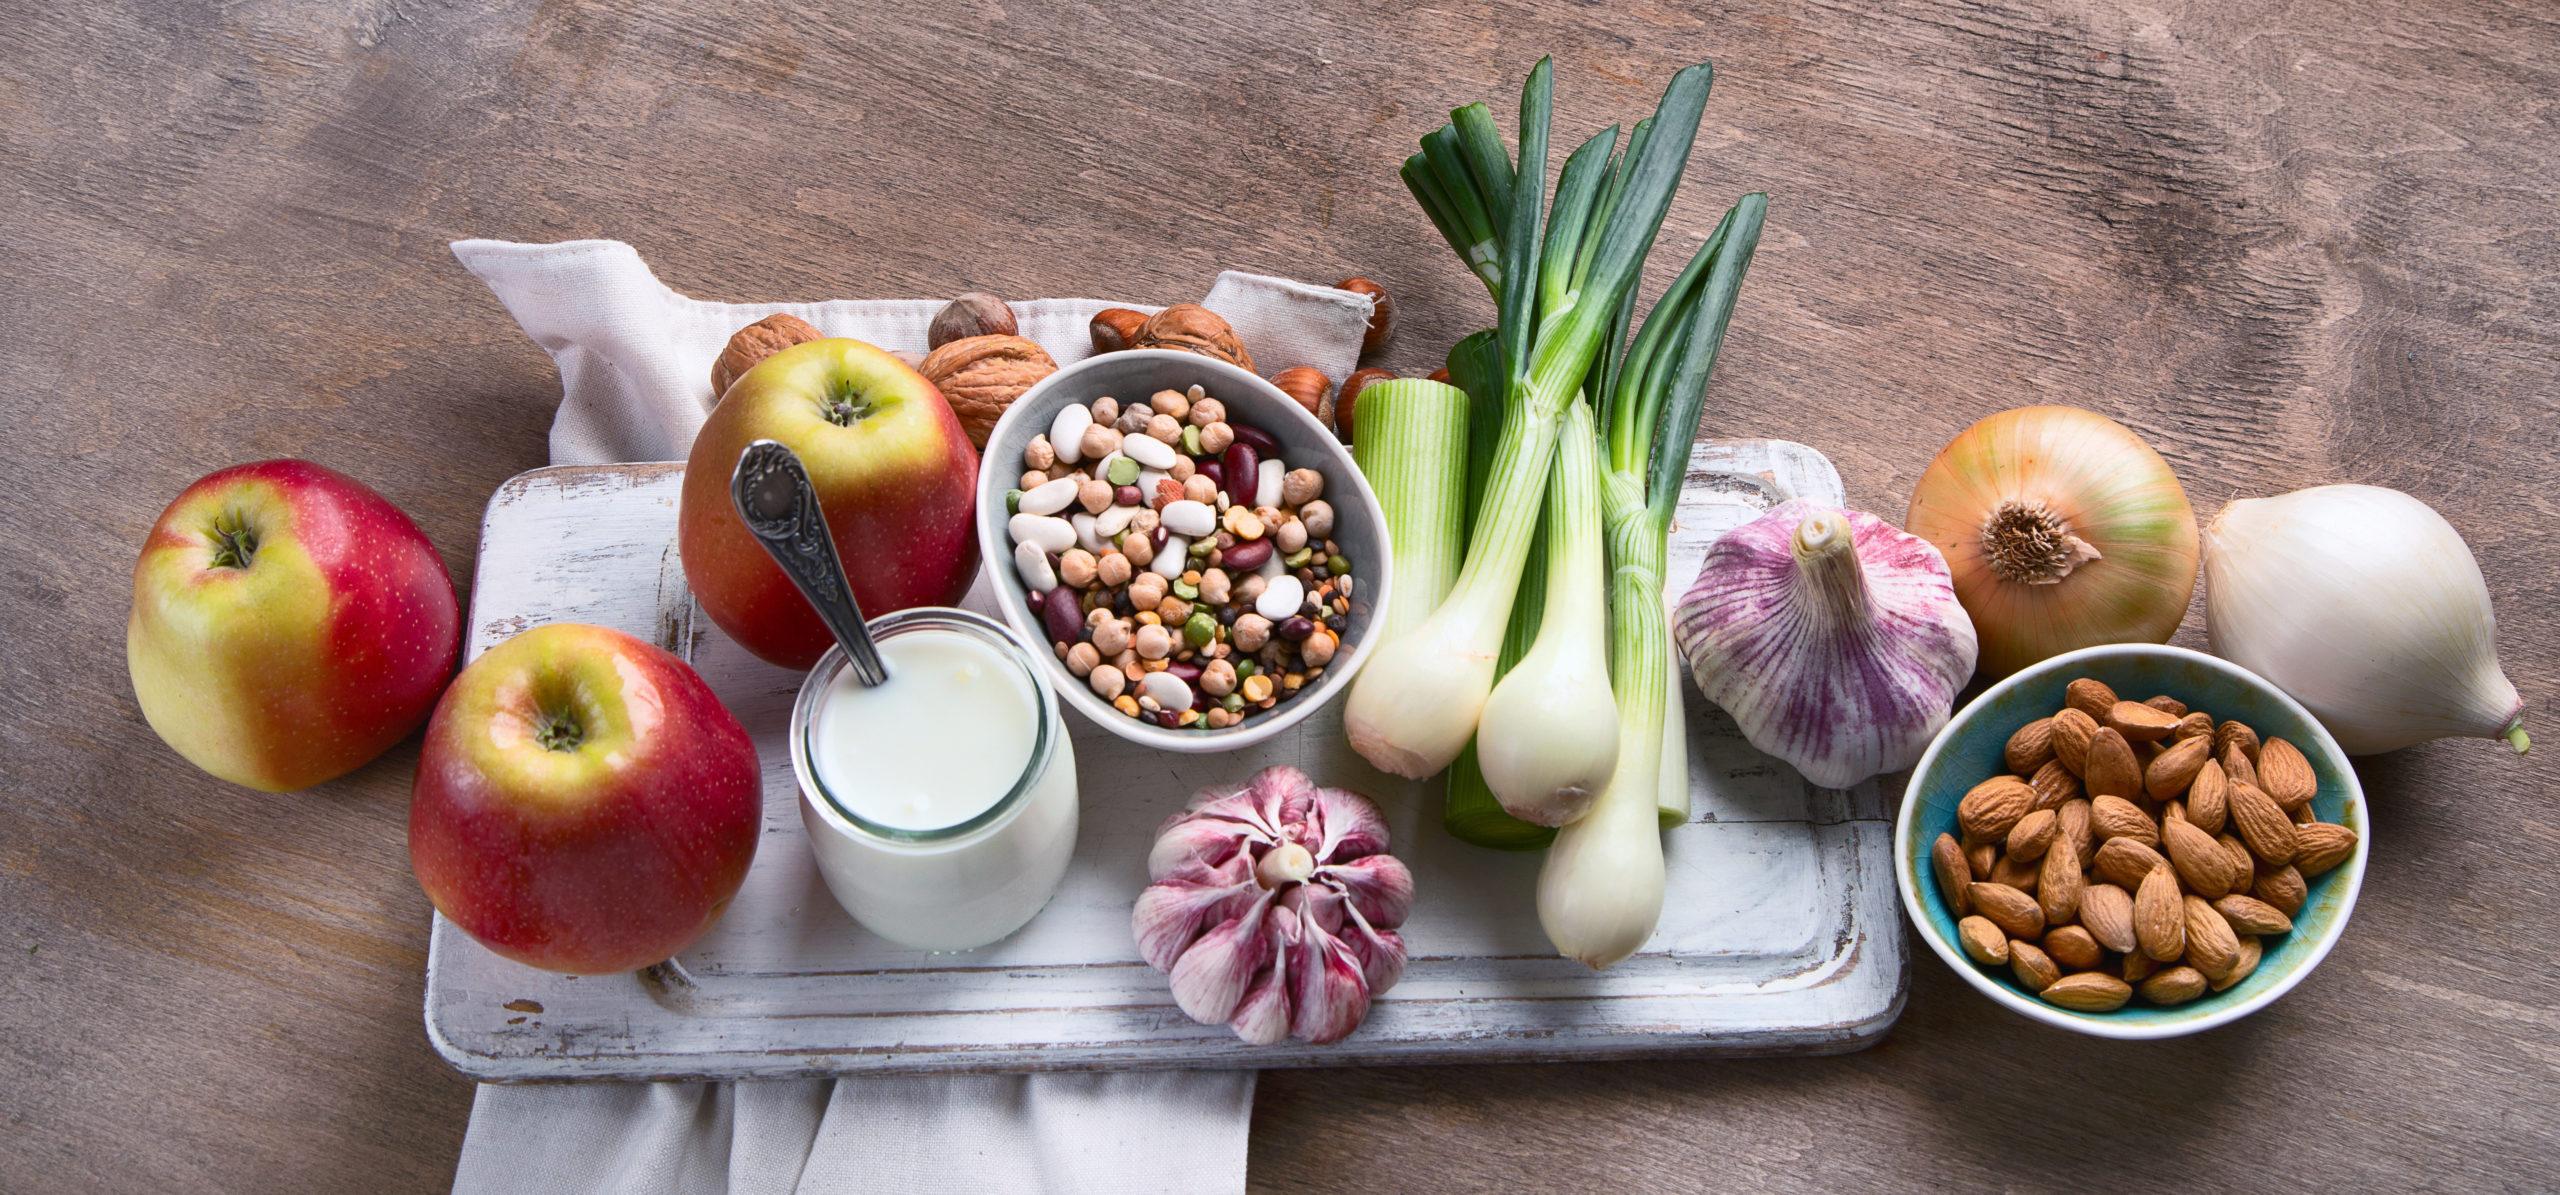 Lebensmittel reich an Pro- und Präbiotika